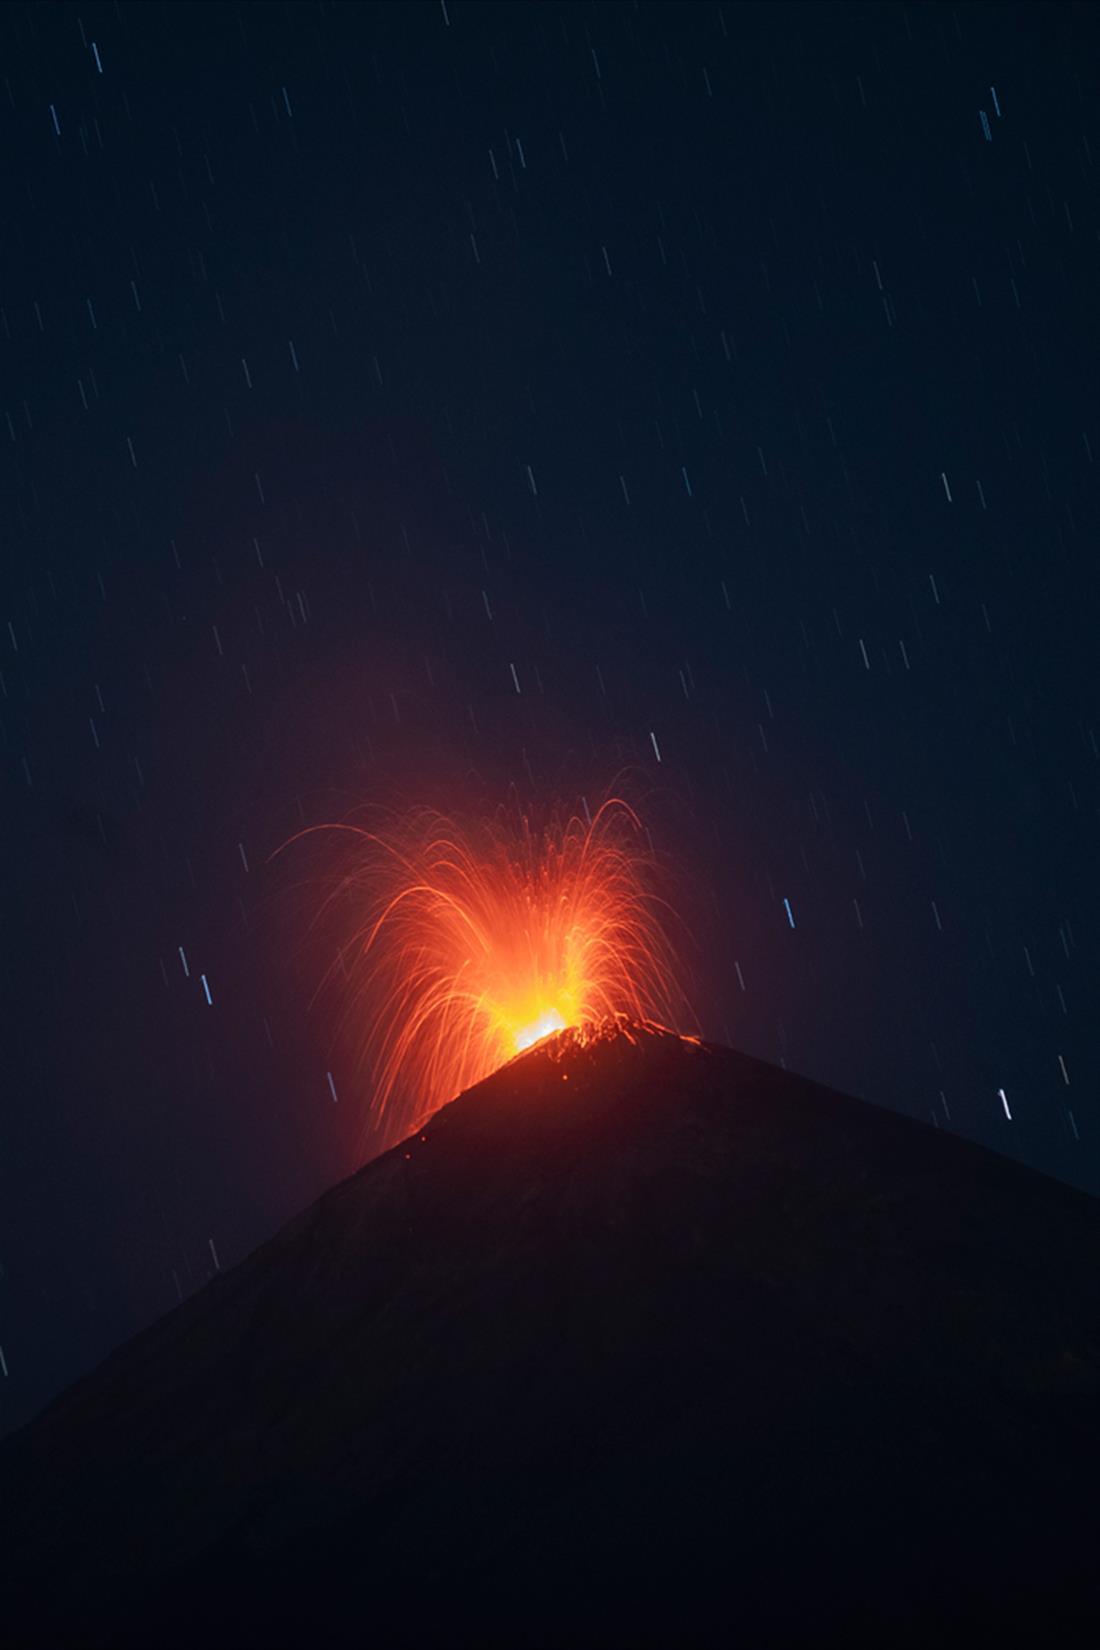 ηφαίστειο Φουέγο - Γουατεμάλα